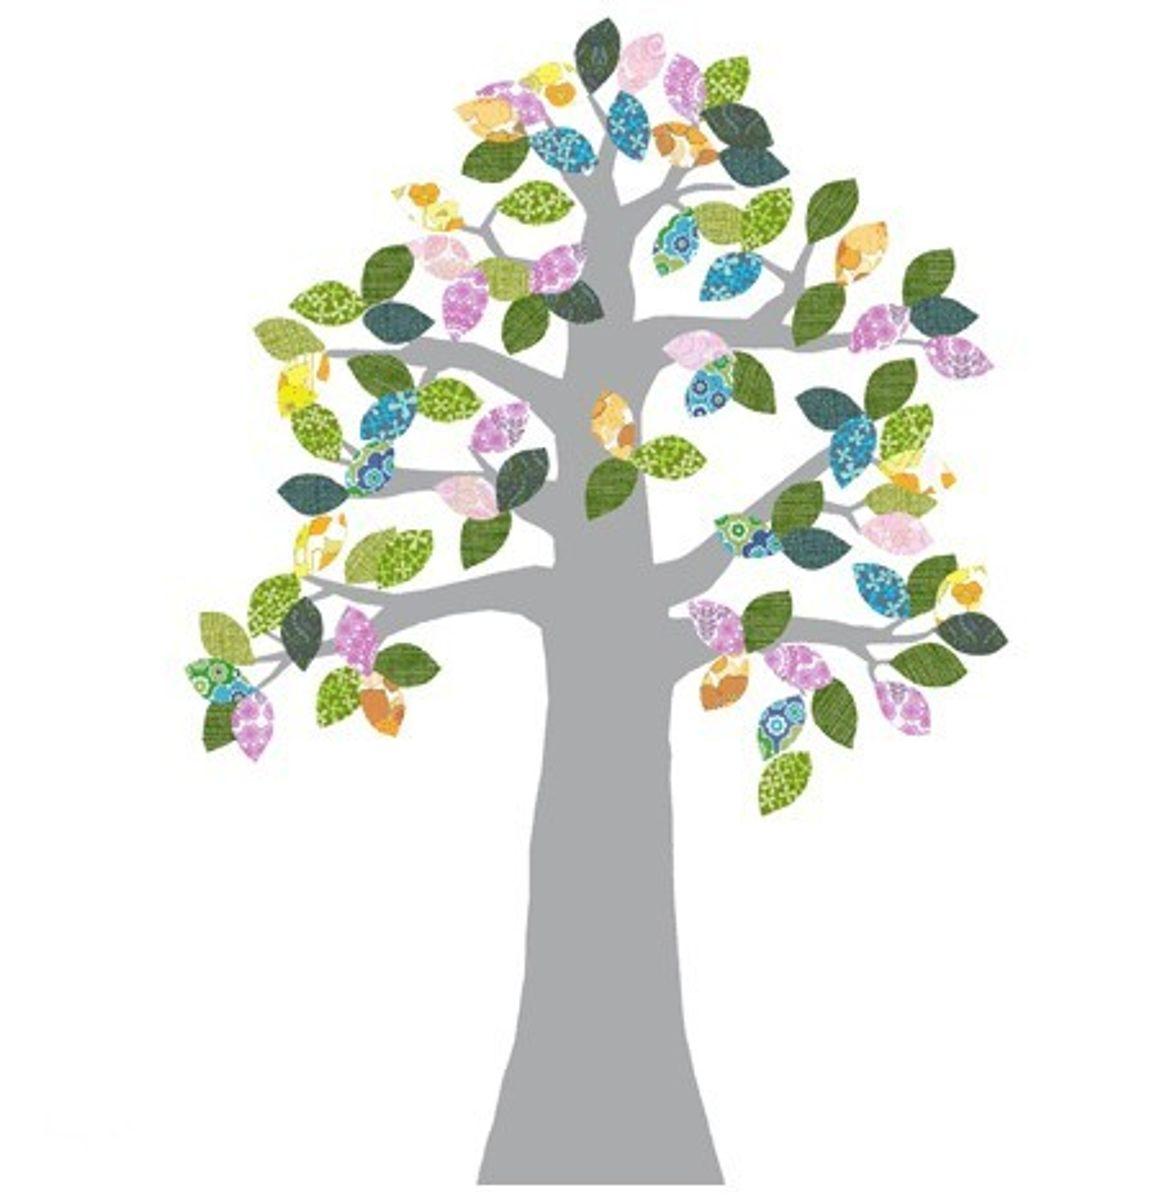 Tapetenbäume Für Einen Hauch Natur Im Kinderzimmer! Tapetenbaum #2  Silber/bunt